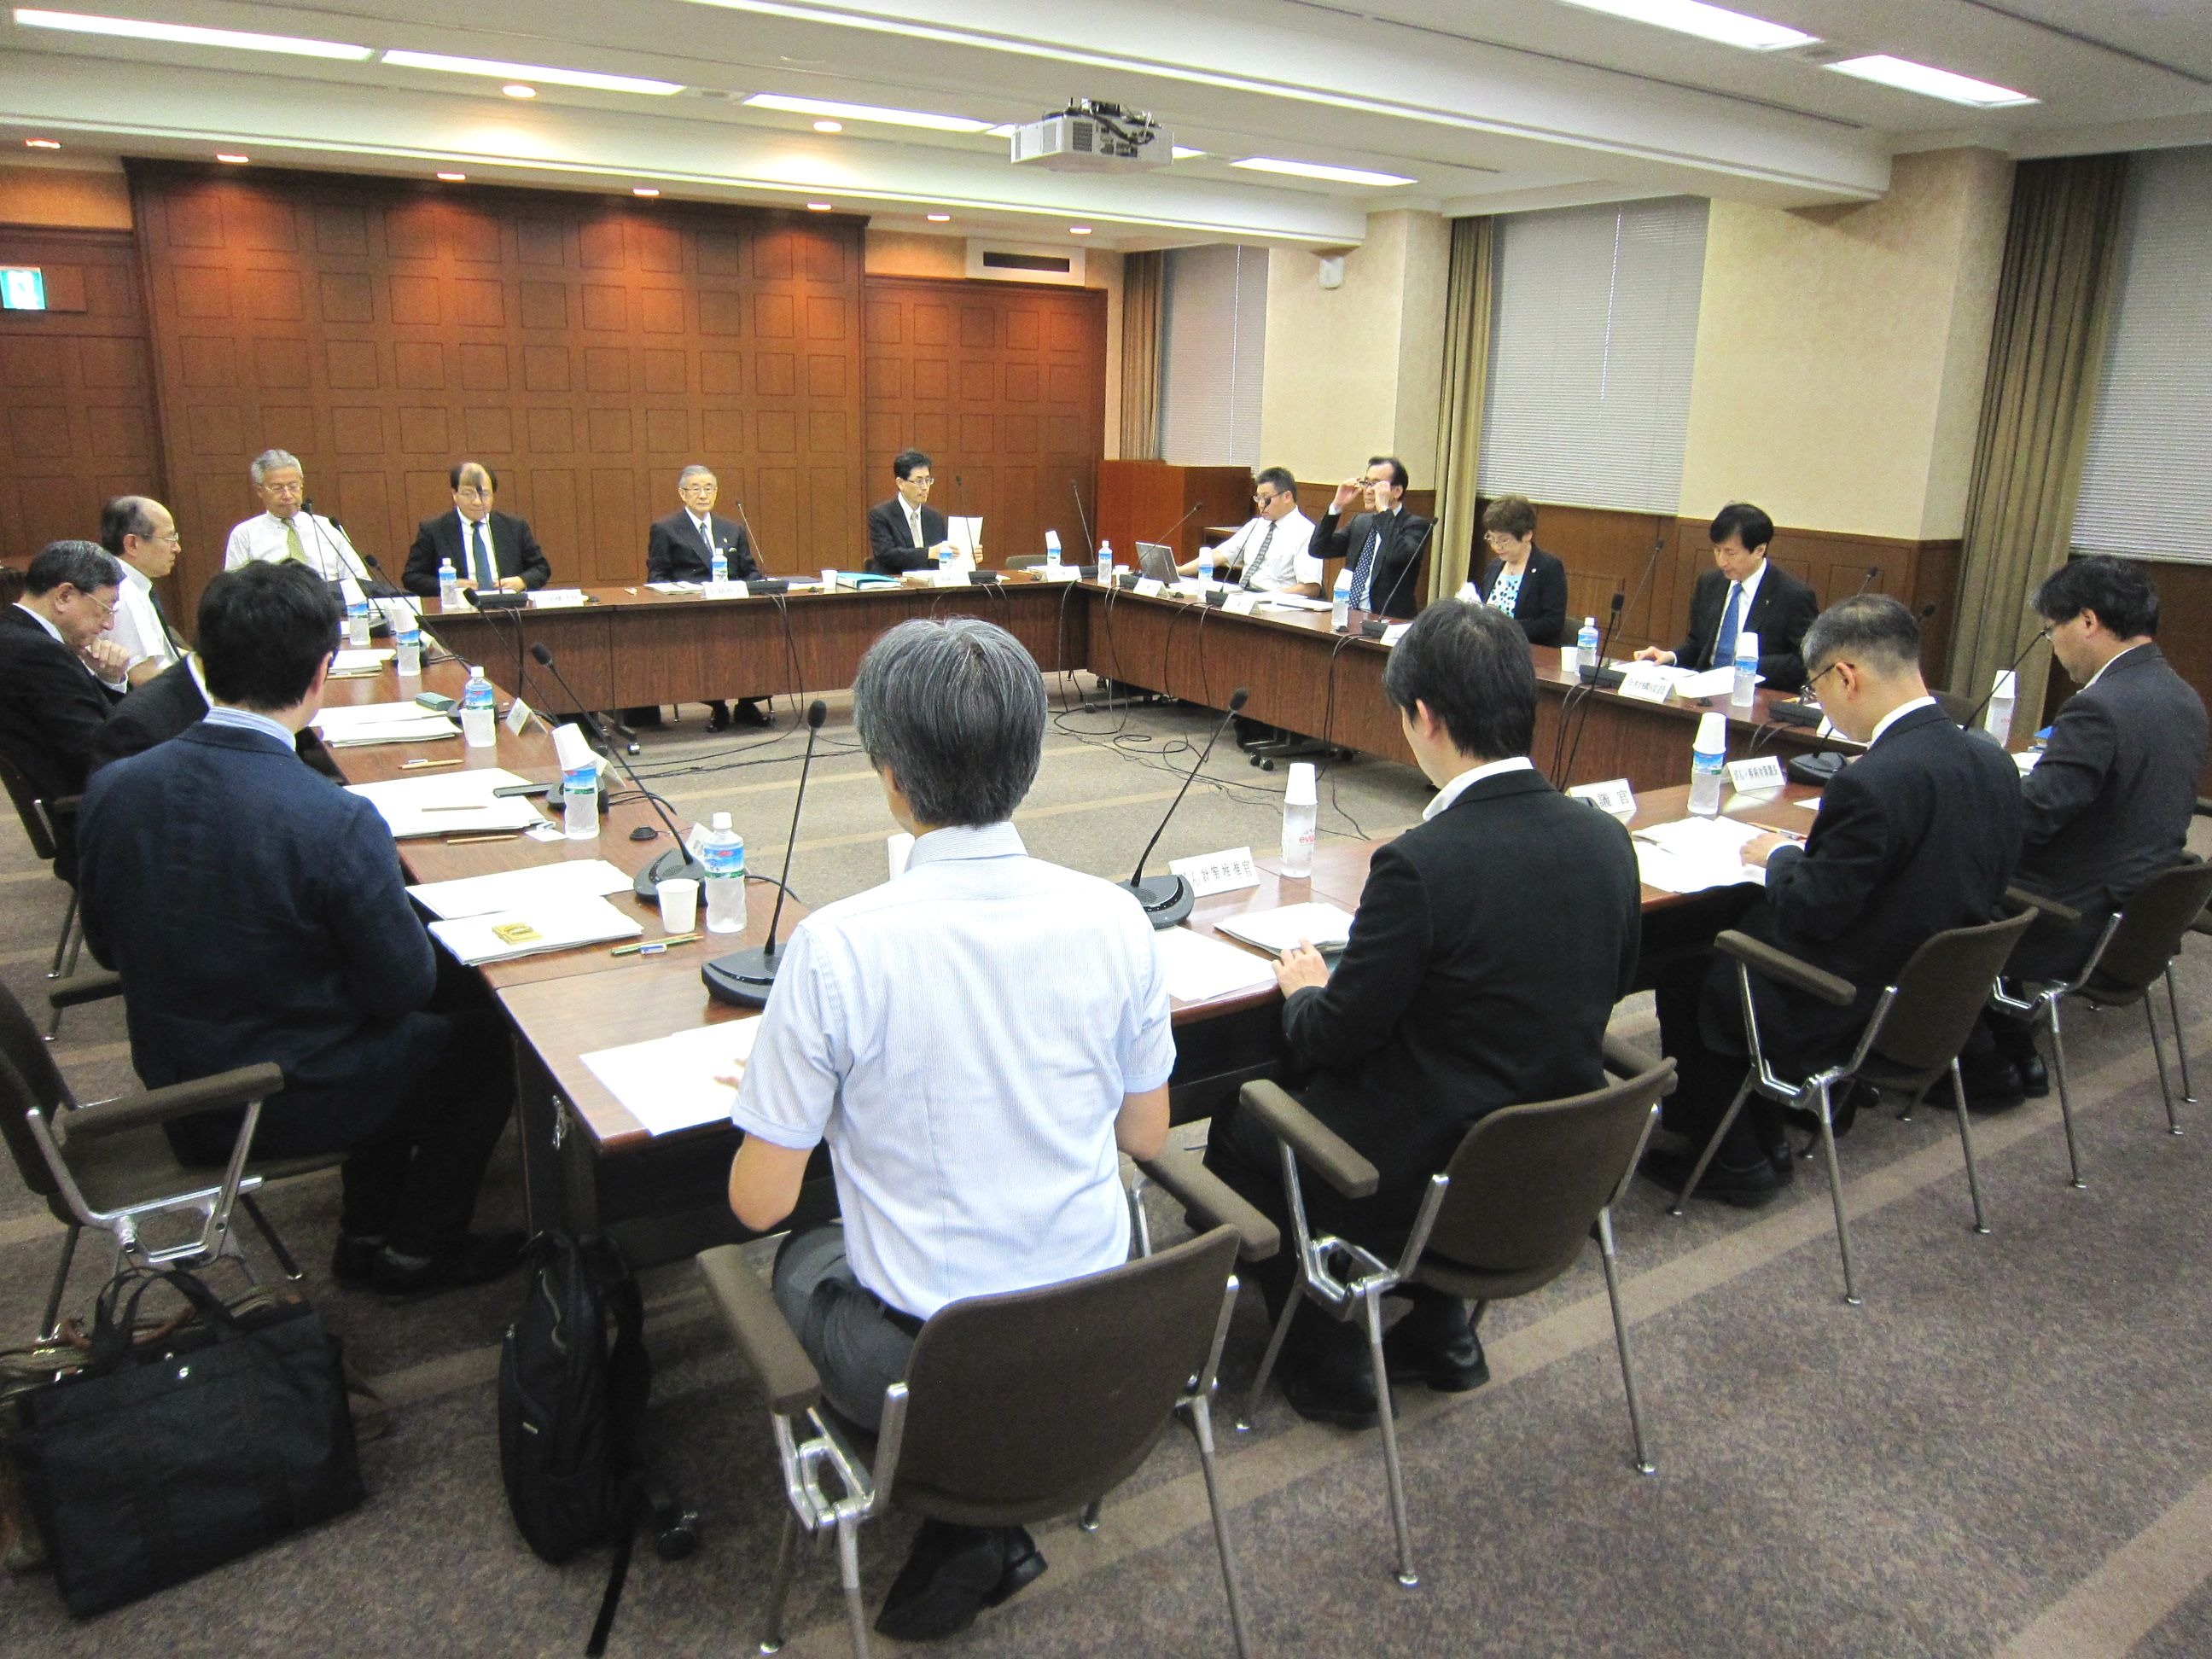 6月16日に開催された、「第6回 がん診療提供体制のあり方に関する検討会」